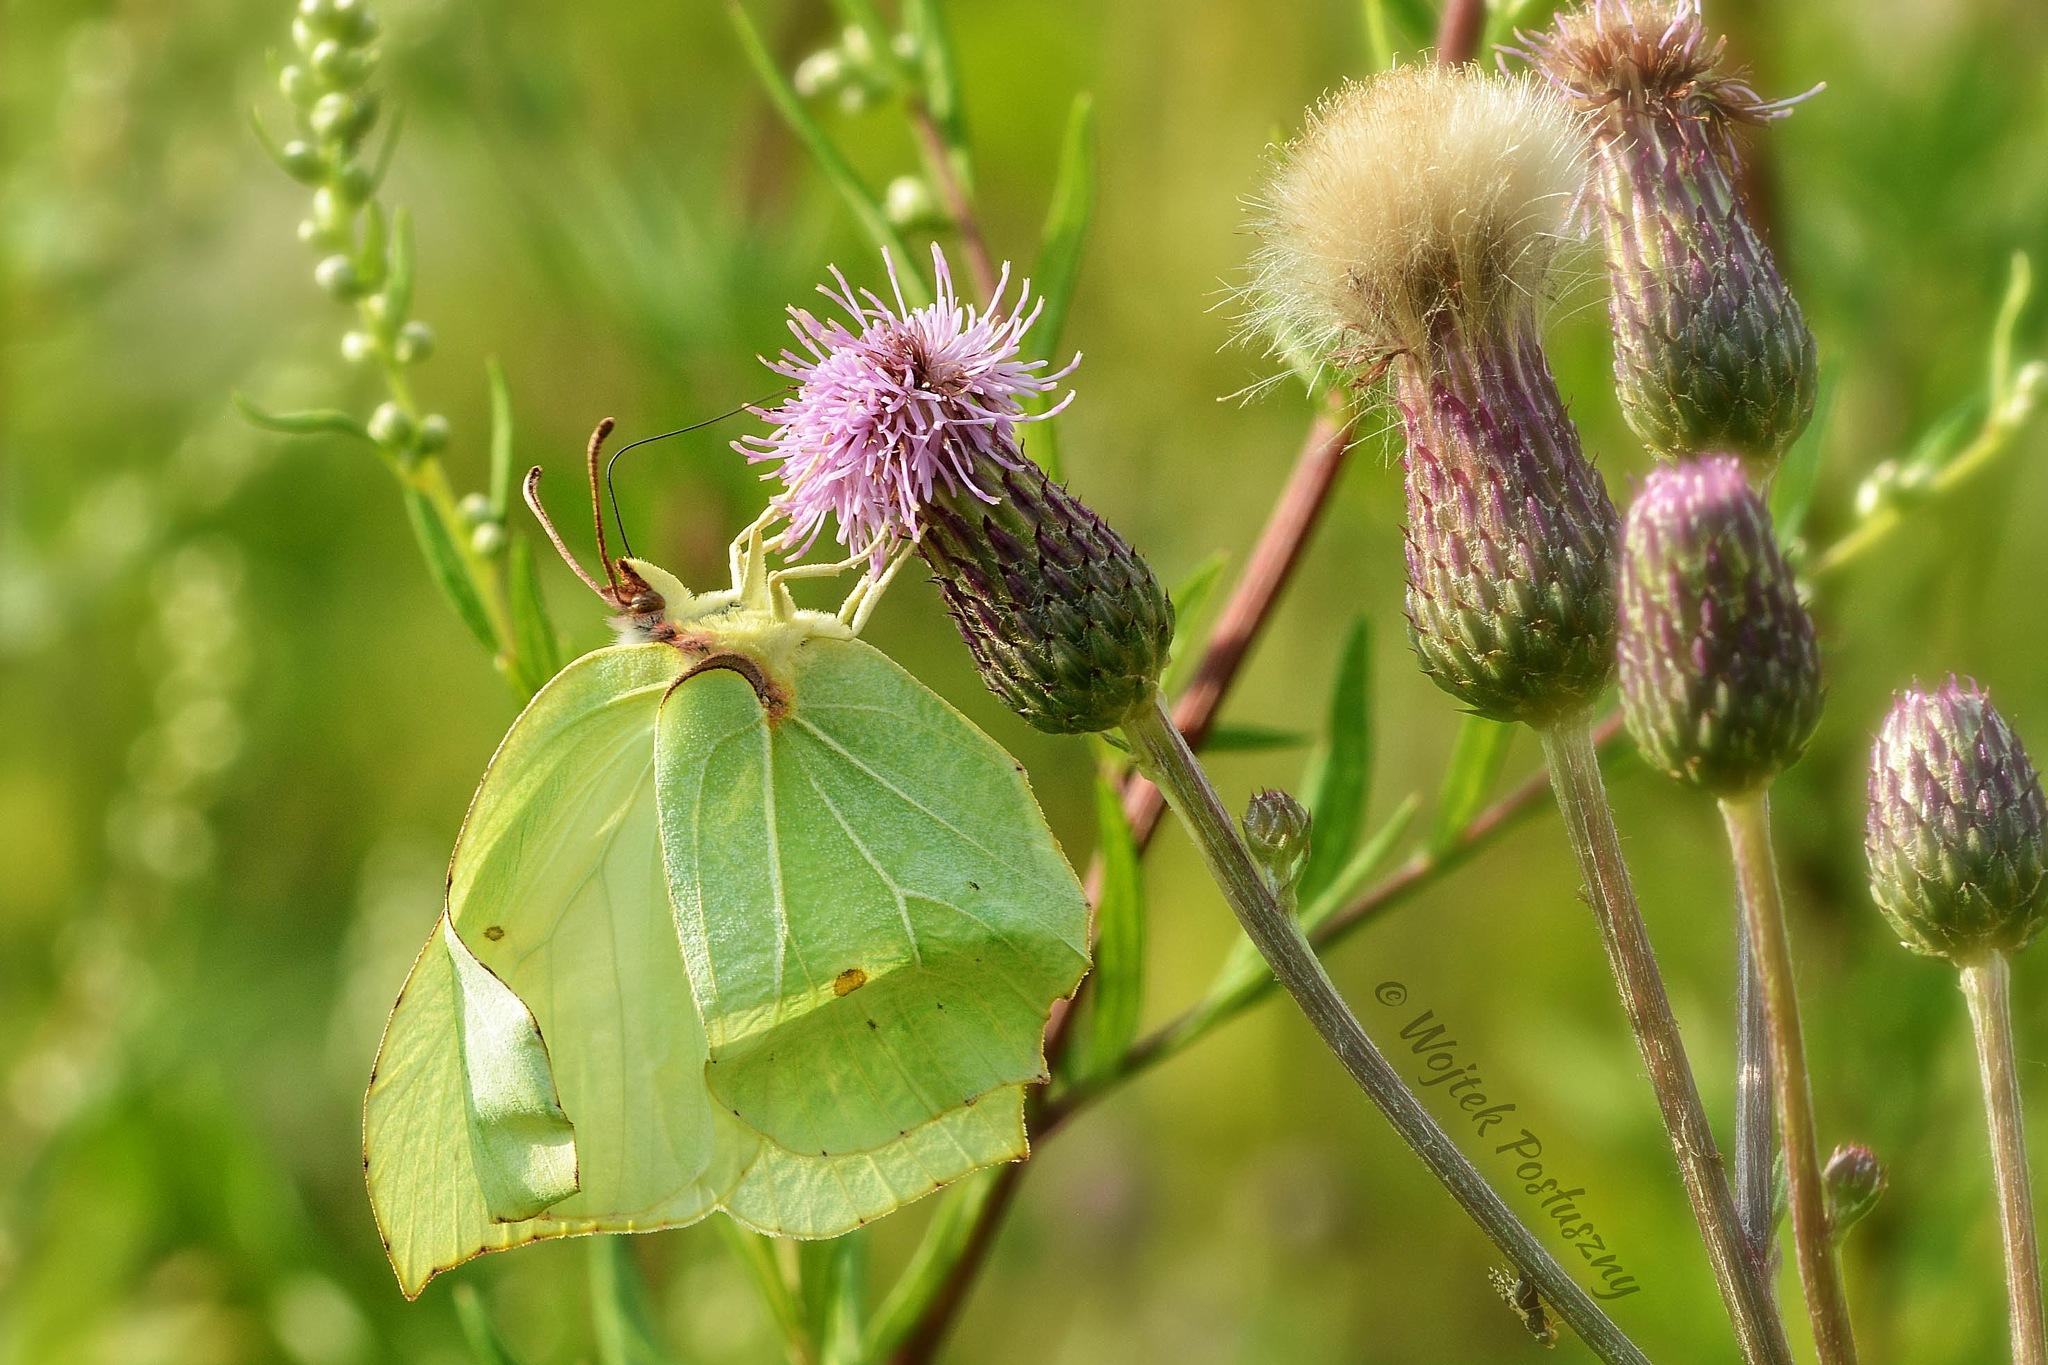 Butterfly by Wojtek Posłuszny